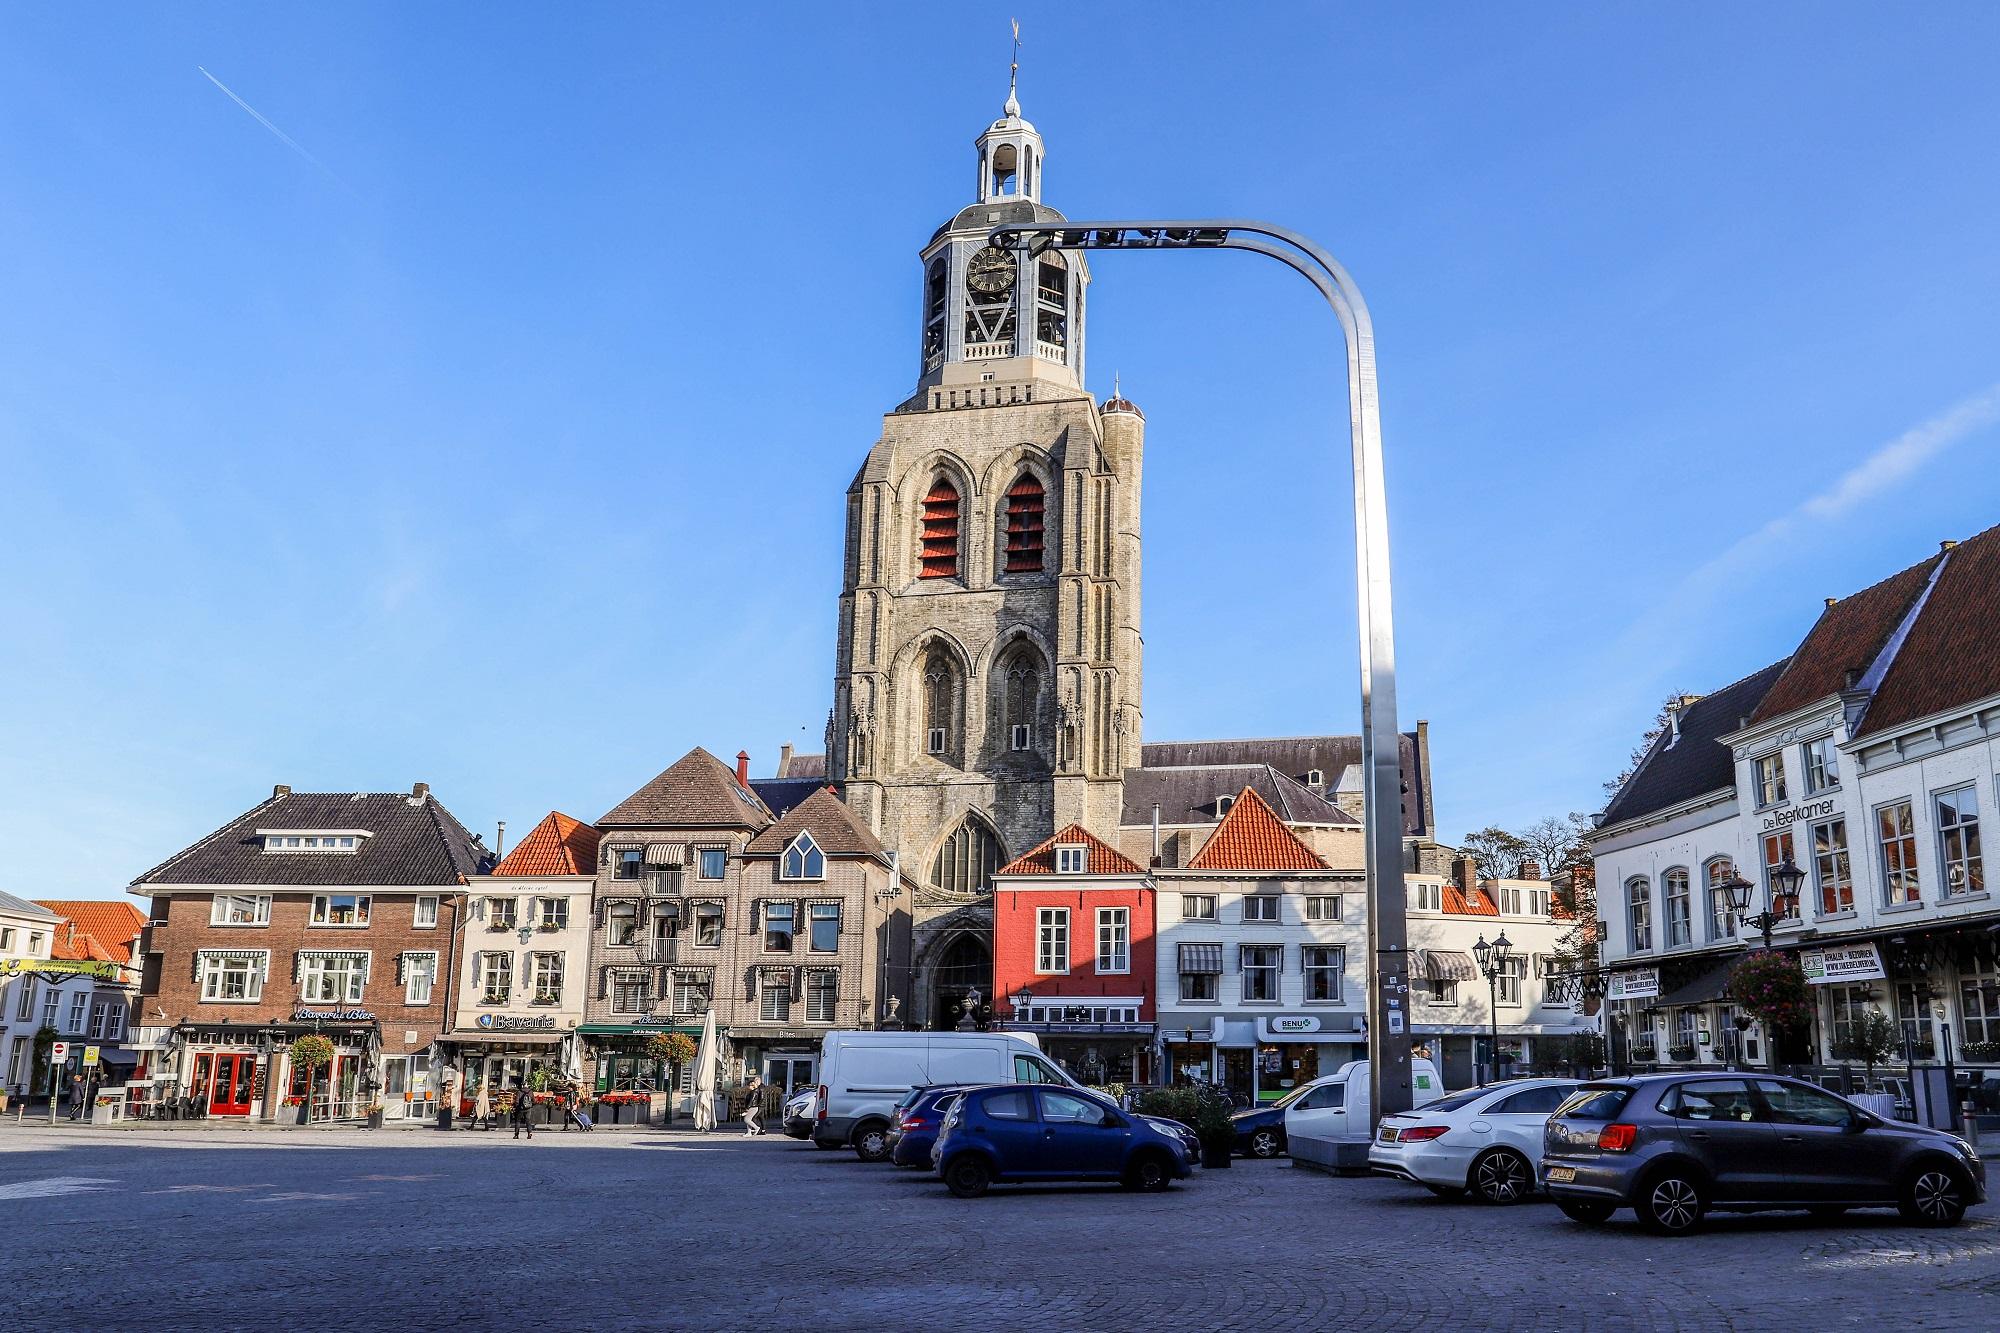 stembureaus Bergen op Zoom peperbus sint-gertrudiskerk grote markt